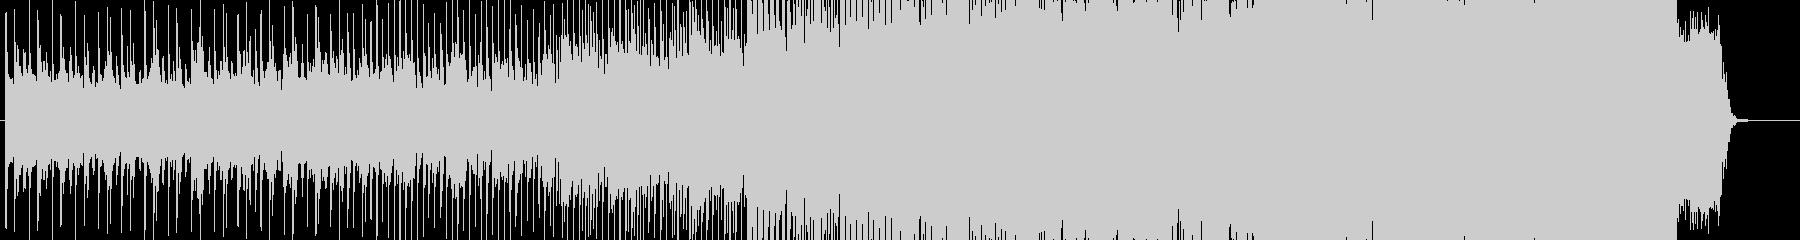 映像向きの前向なオーケストラポップスの未再生の波形